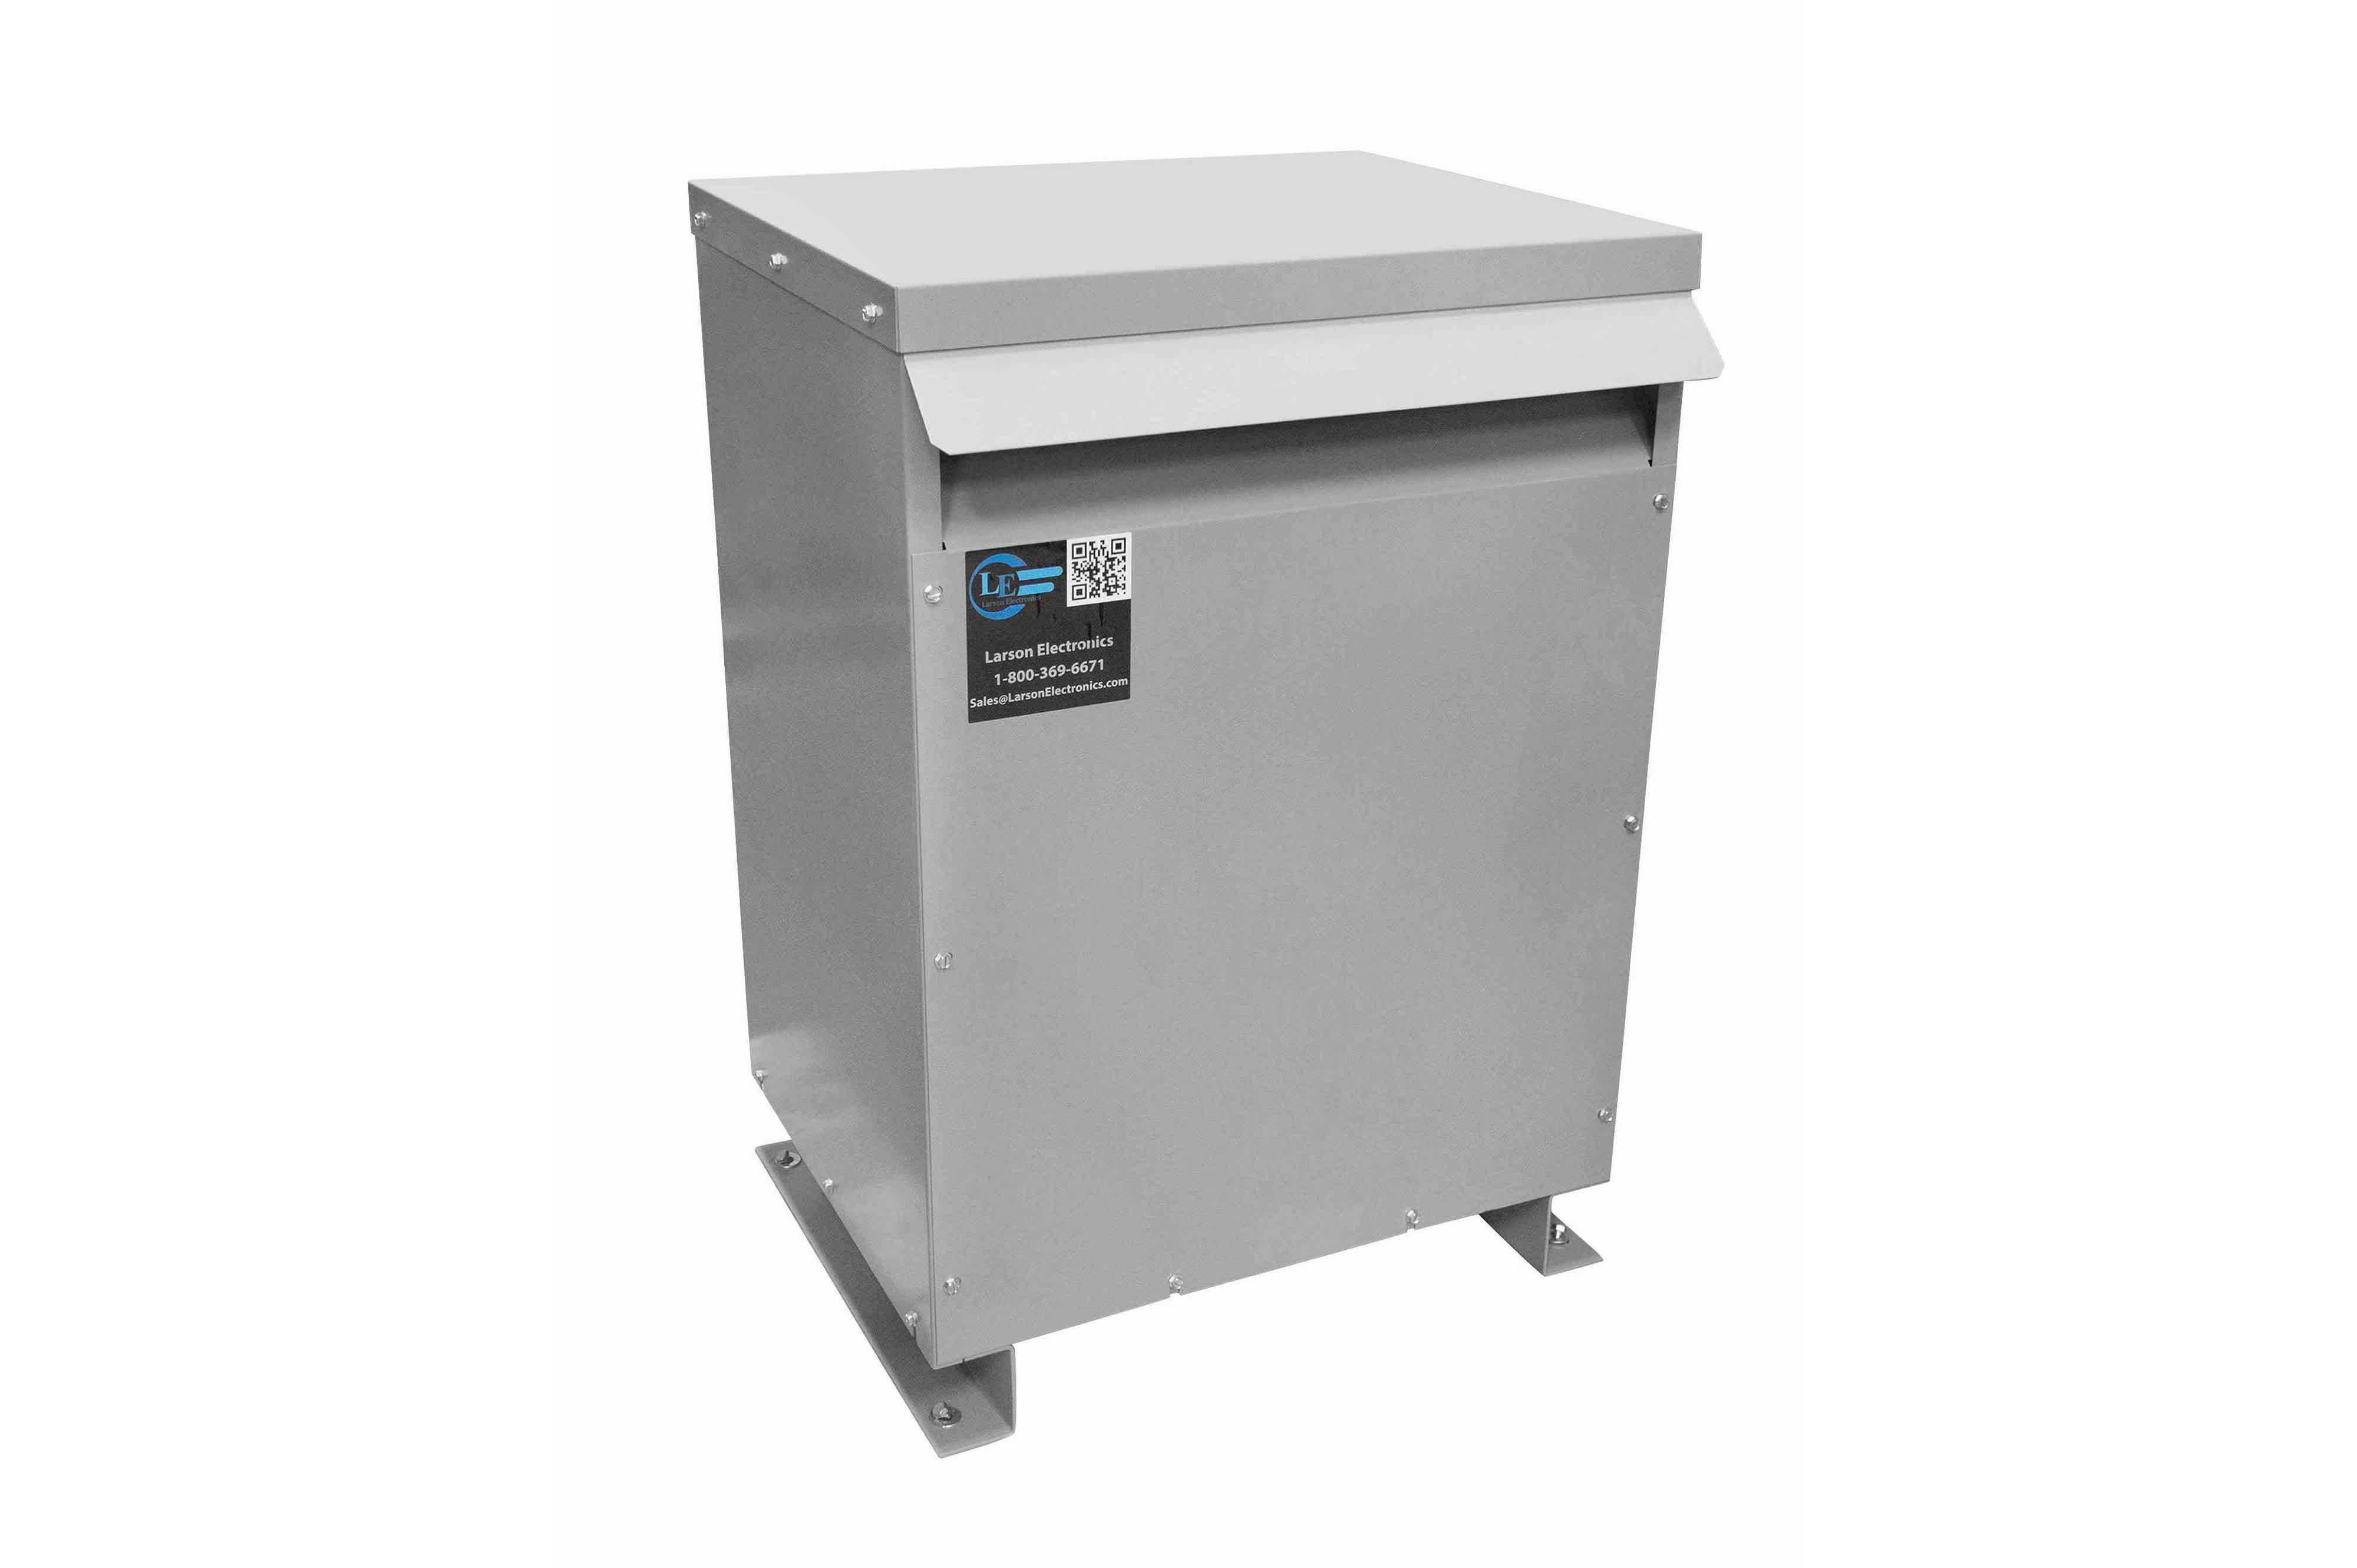 13 kVA 3PH Isolation Transformer, 415V Delta Primary, 208V Delta Secondary, N3R, Ventilated, 60 Hz